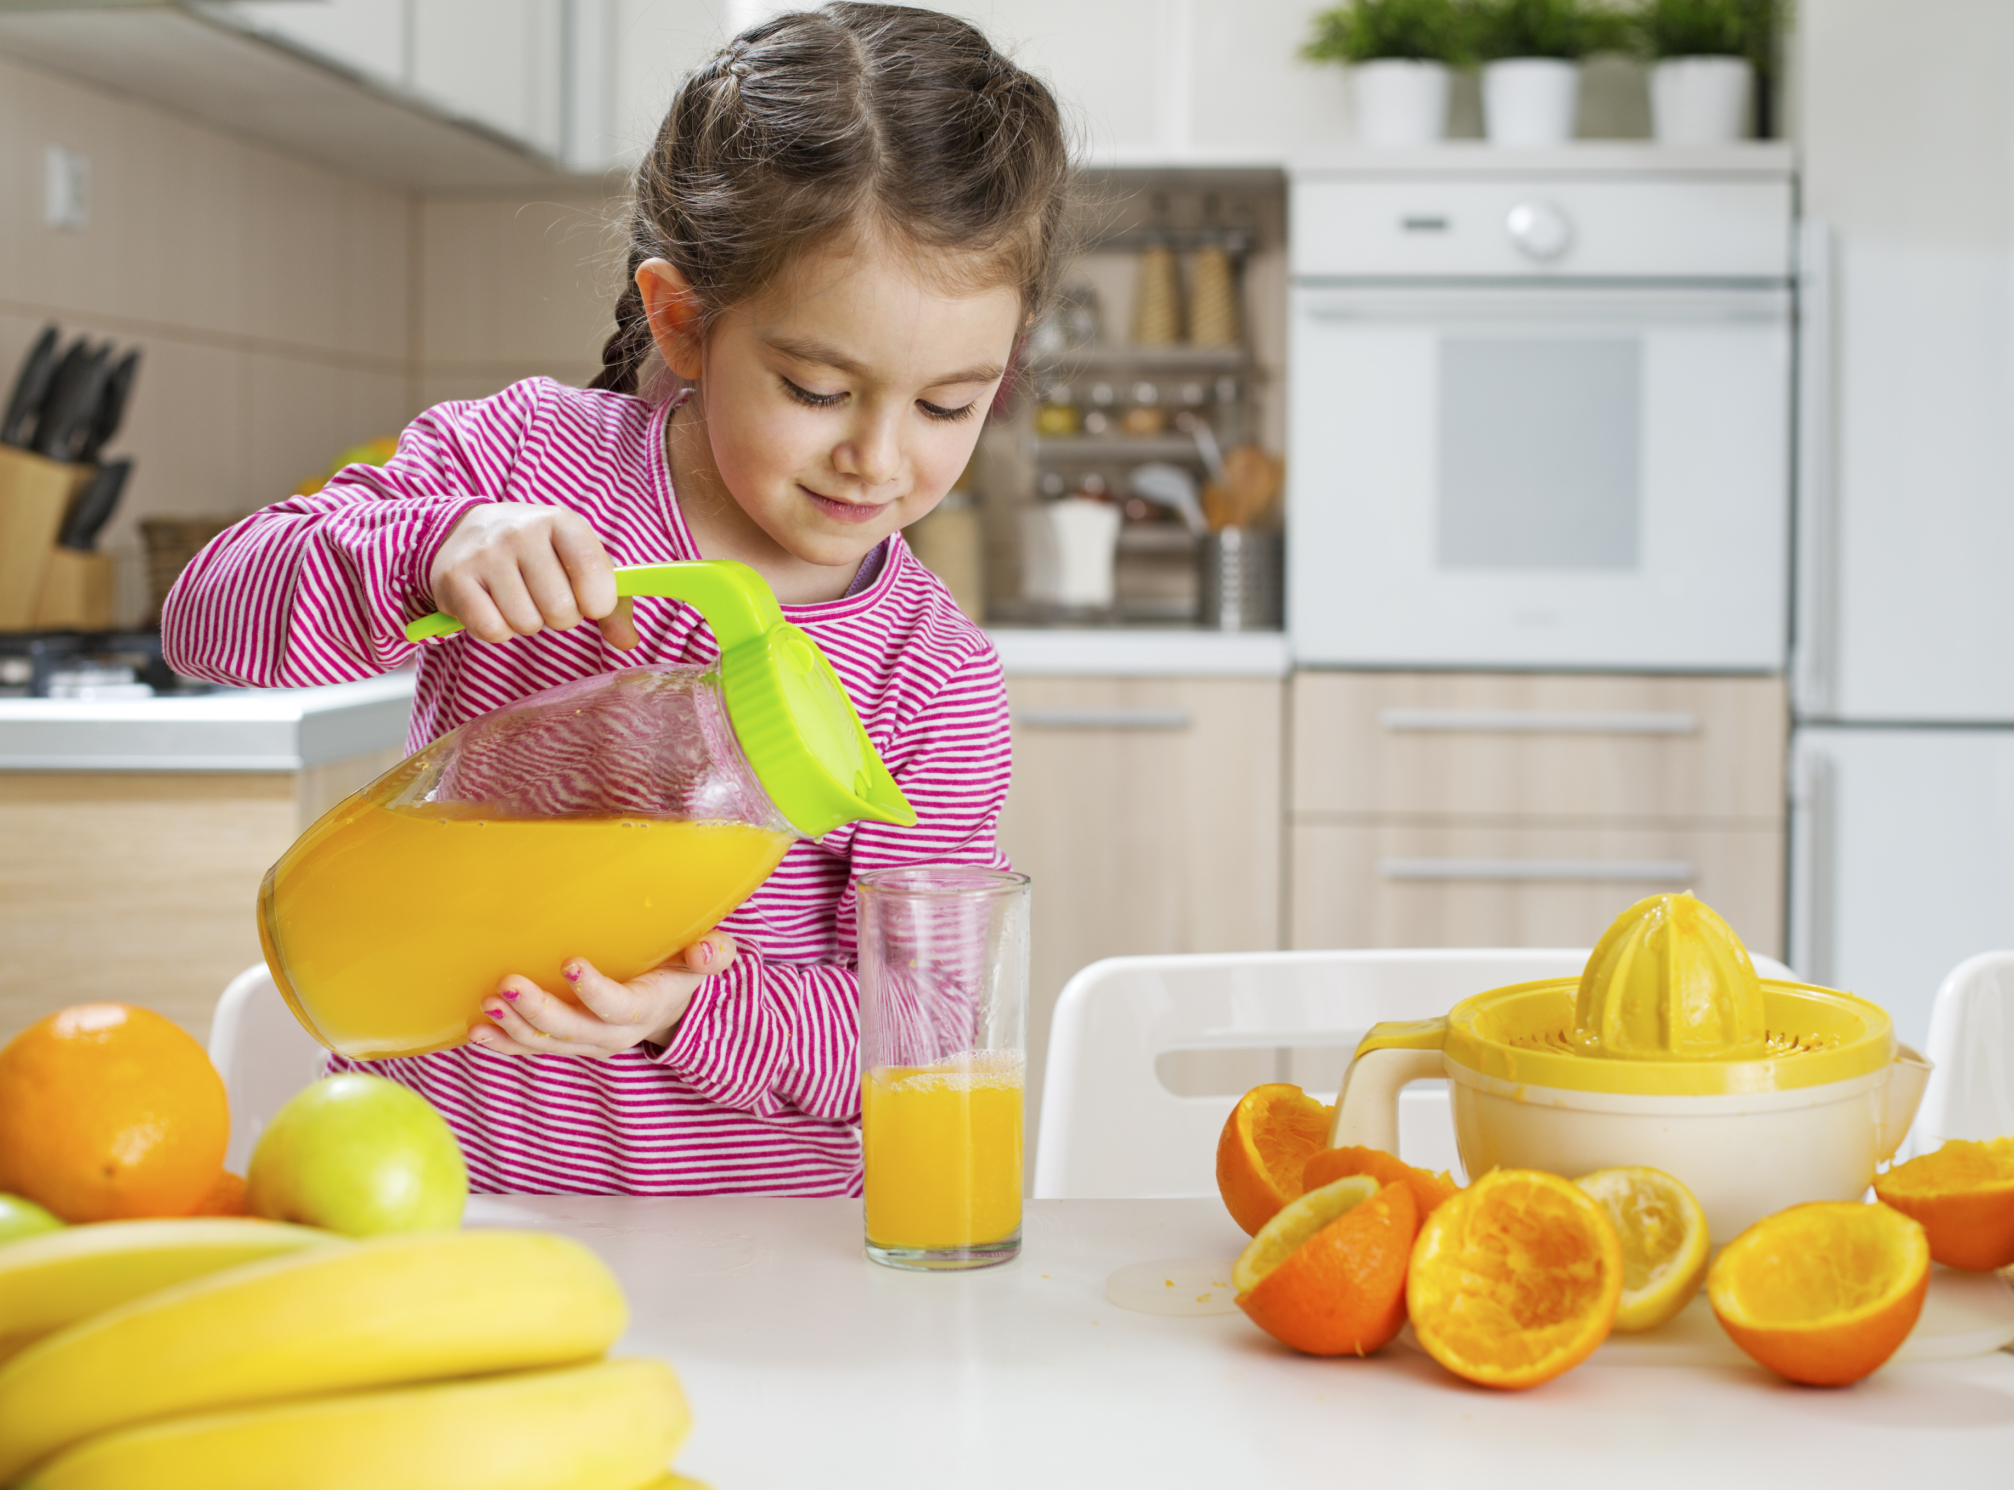 Ricette merende per bambini non sprecare for Ricette per bimbi